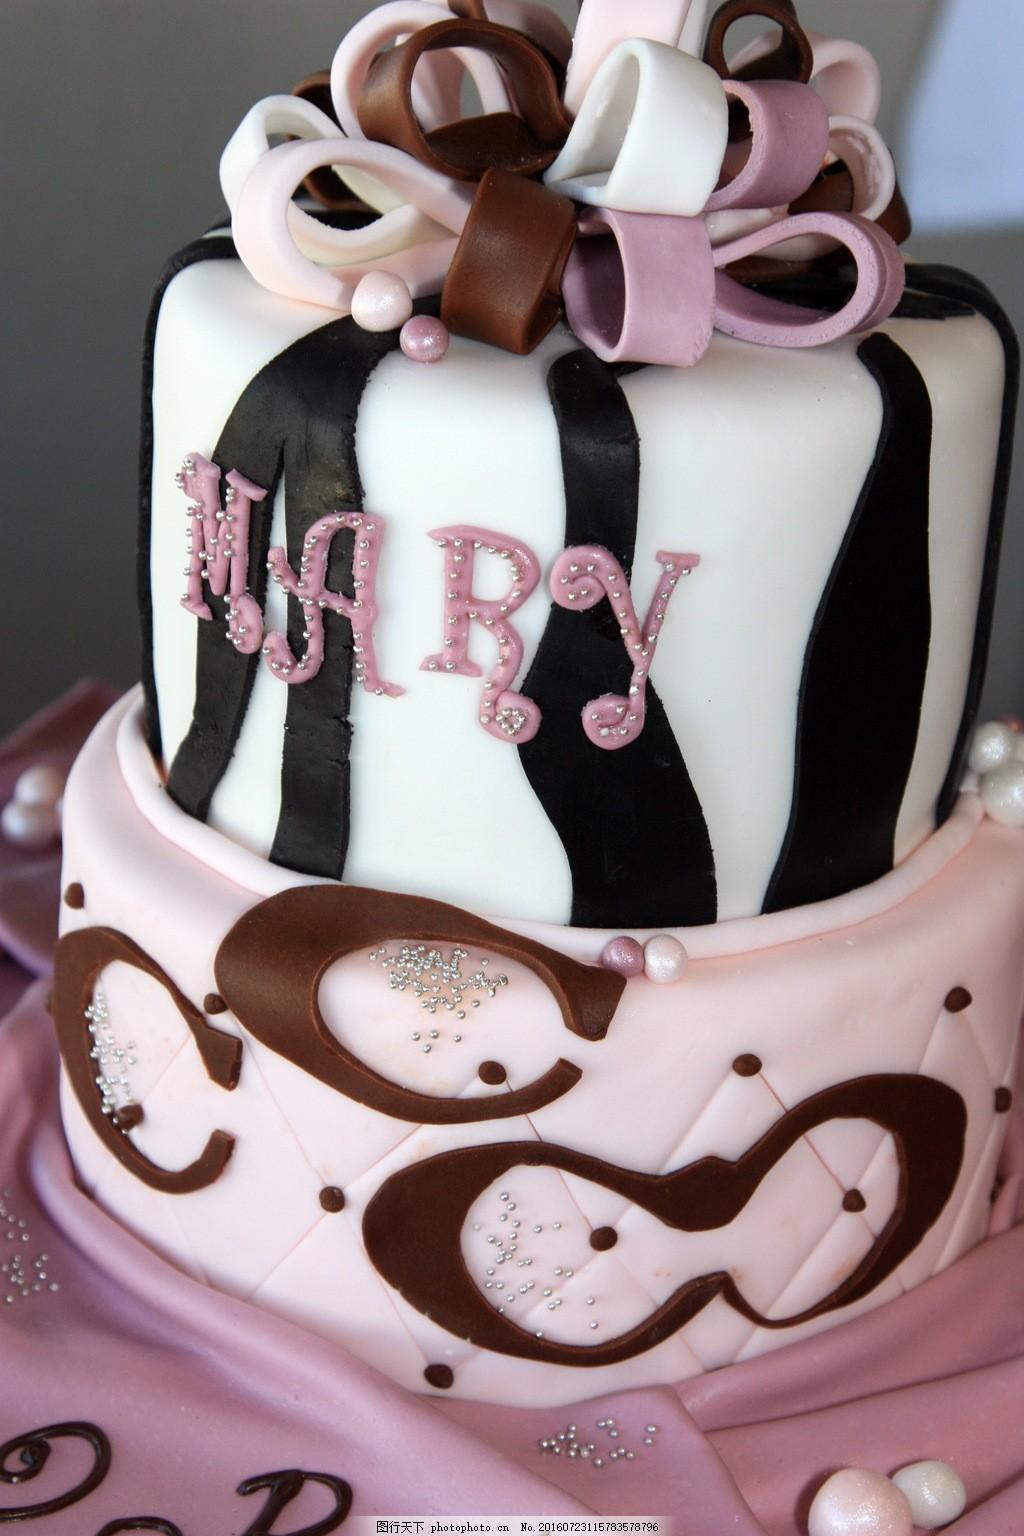 唯美翻糖双层蛋糕图片